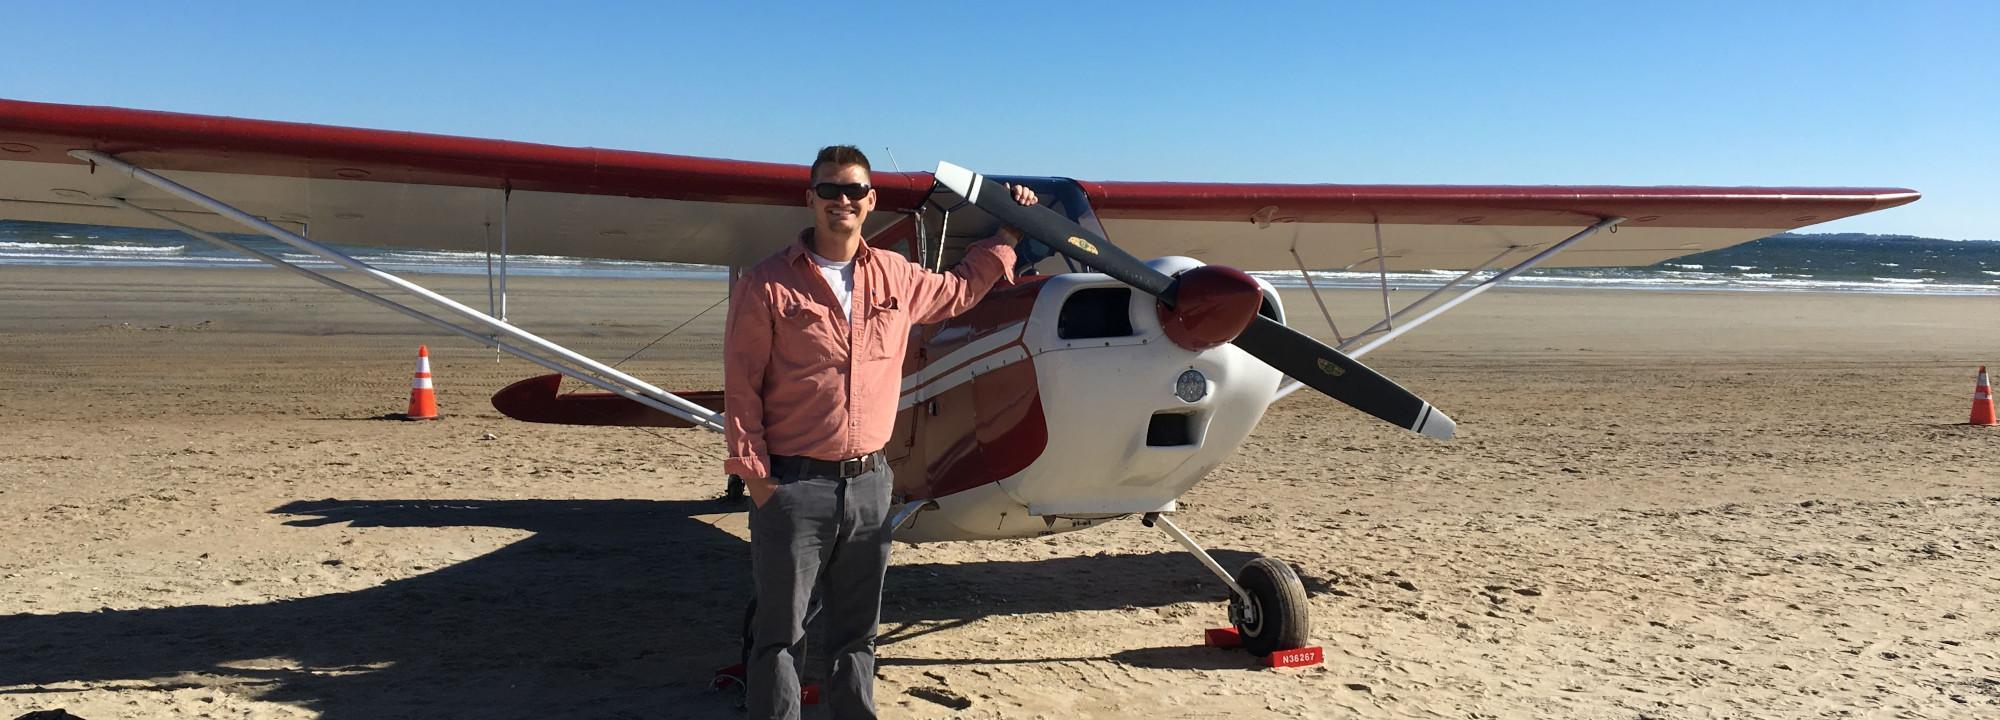 Matt standing with a plane